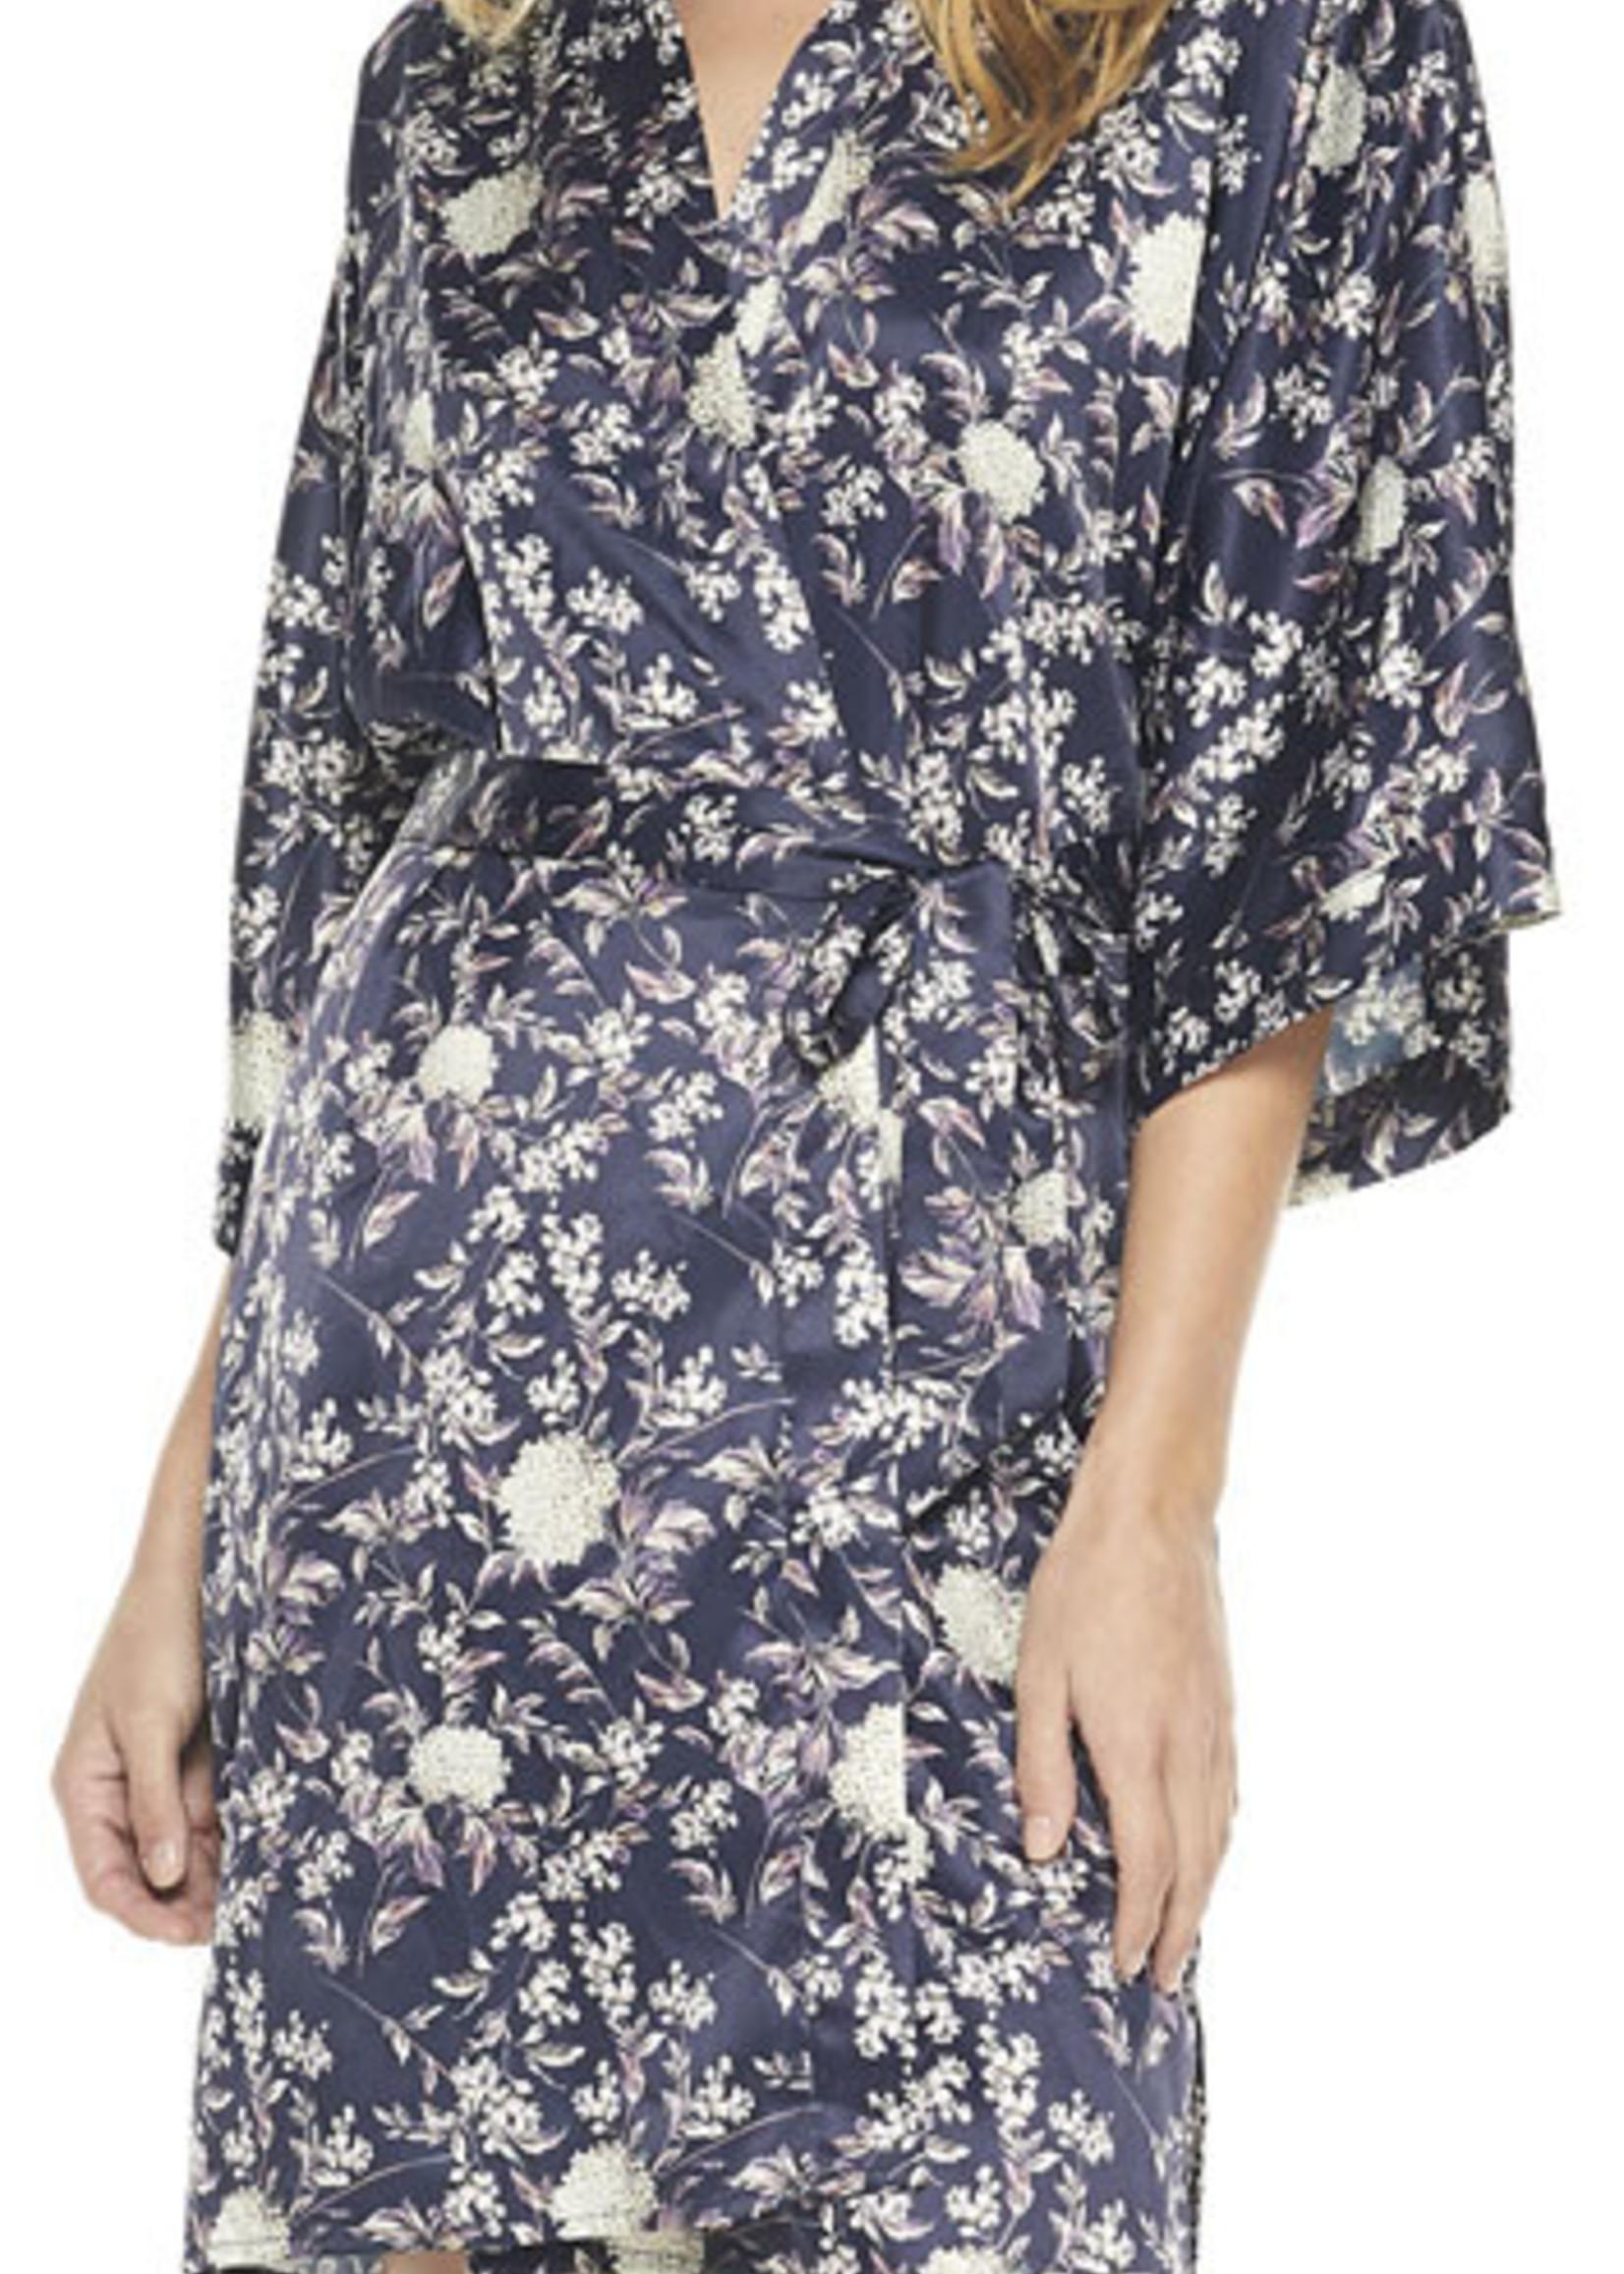 Gingerlilly Ashleigh Robe